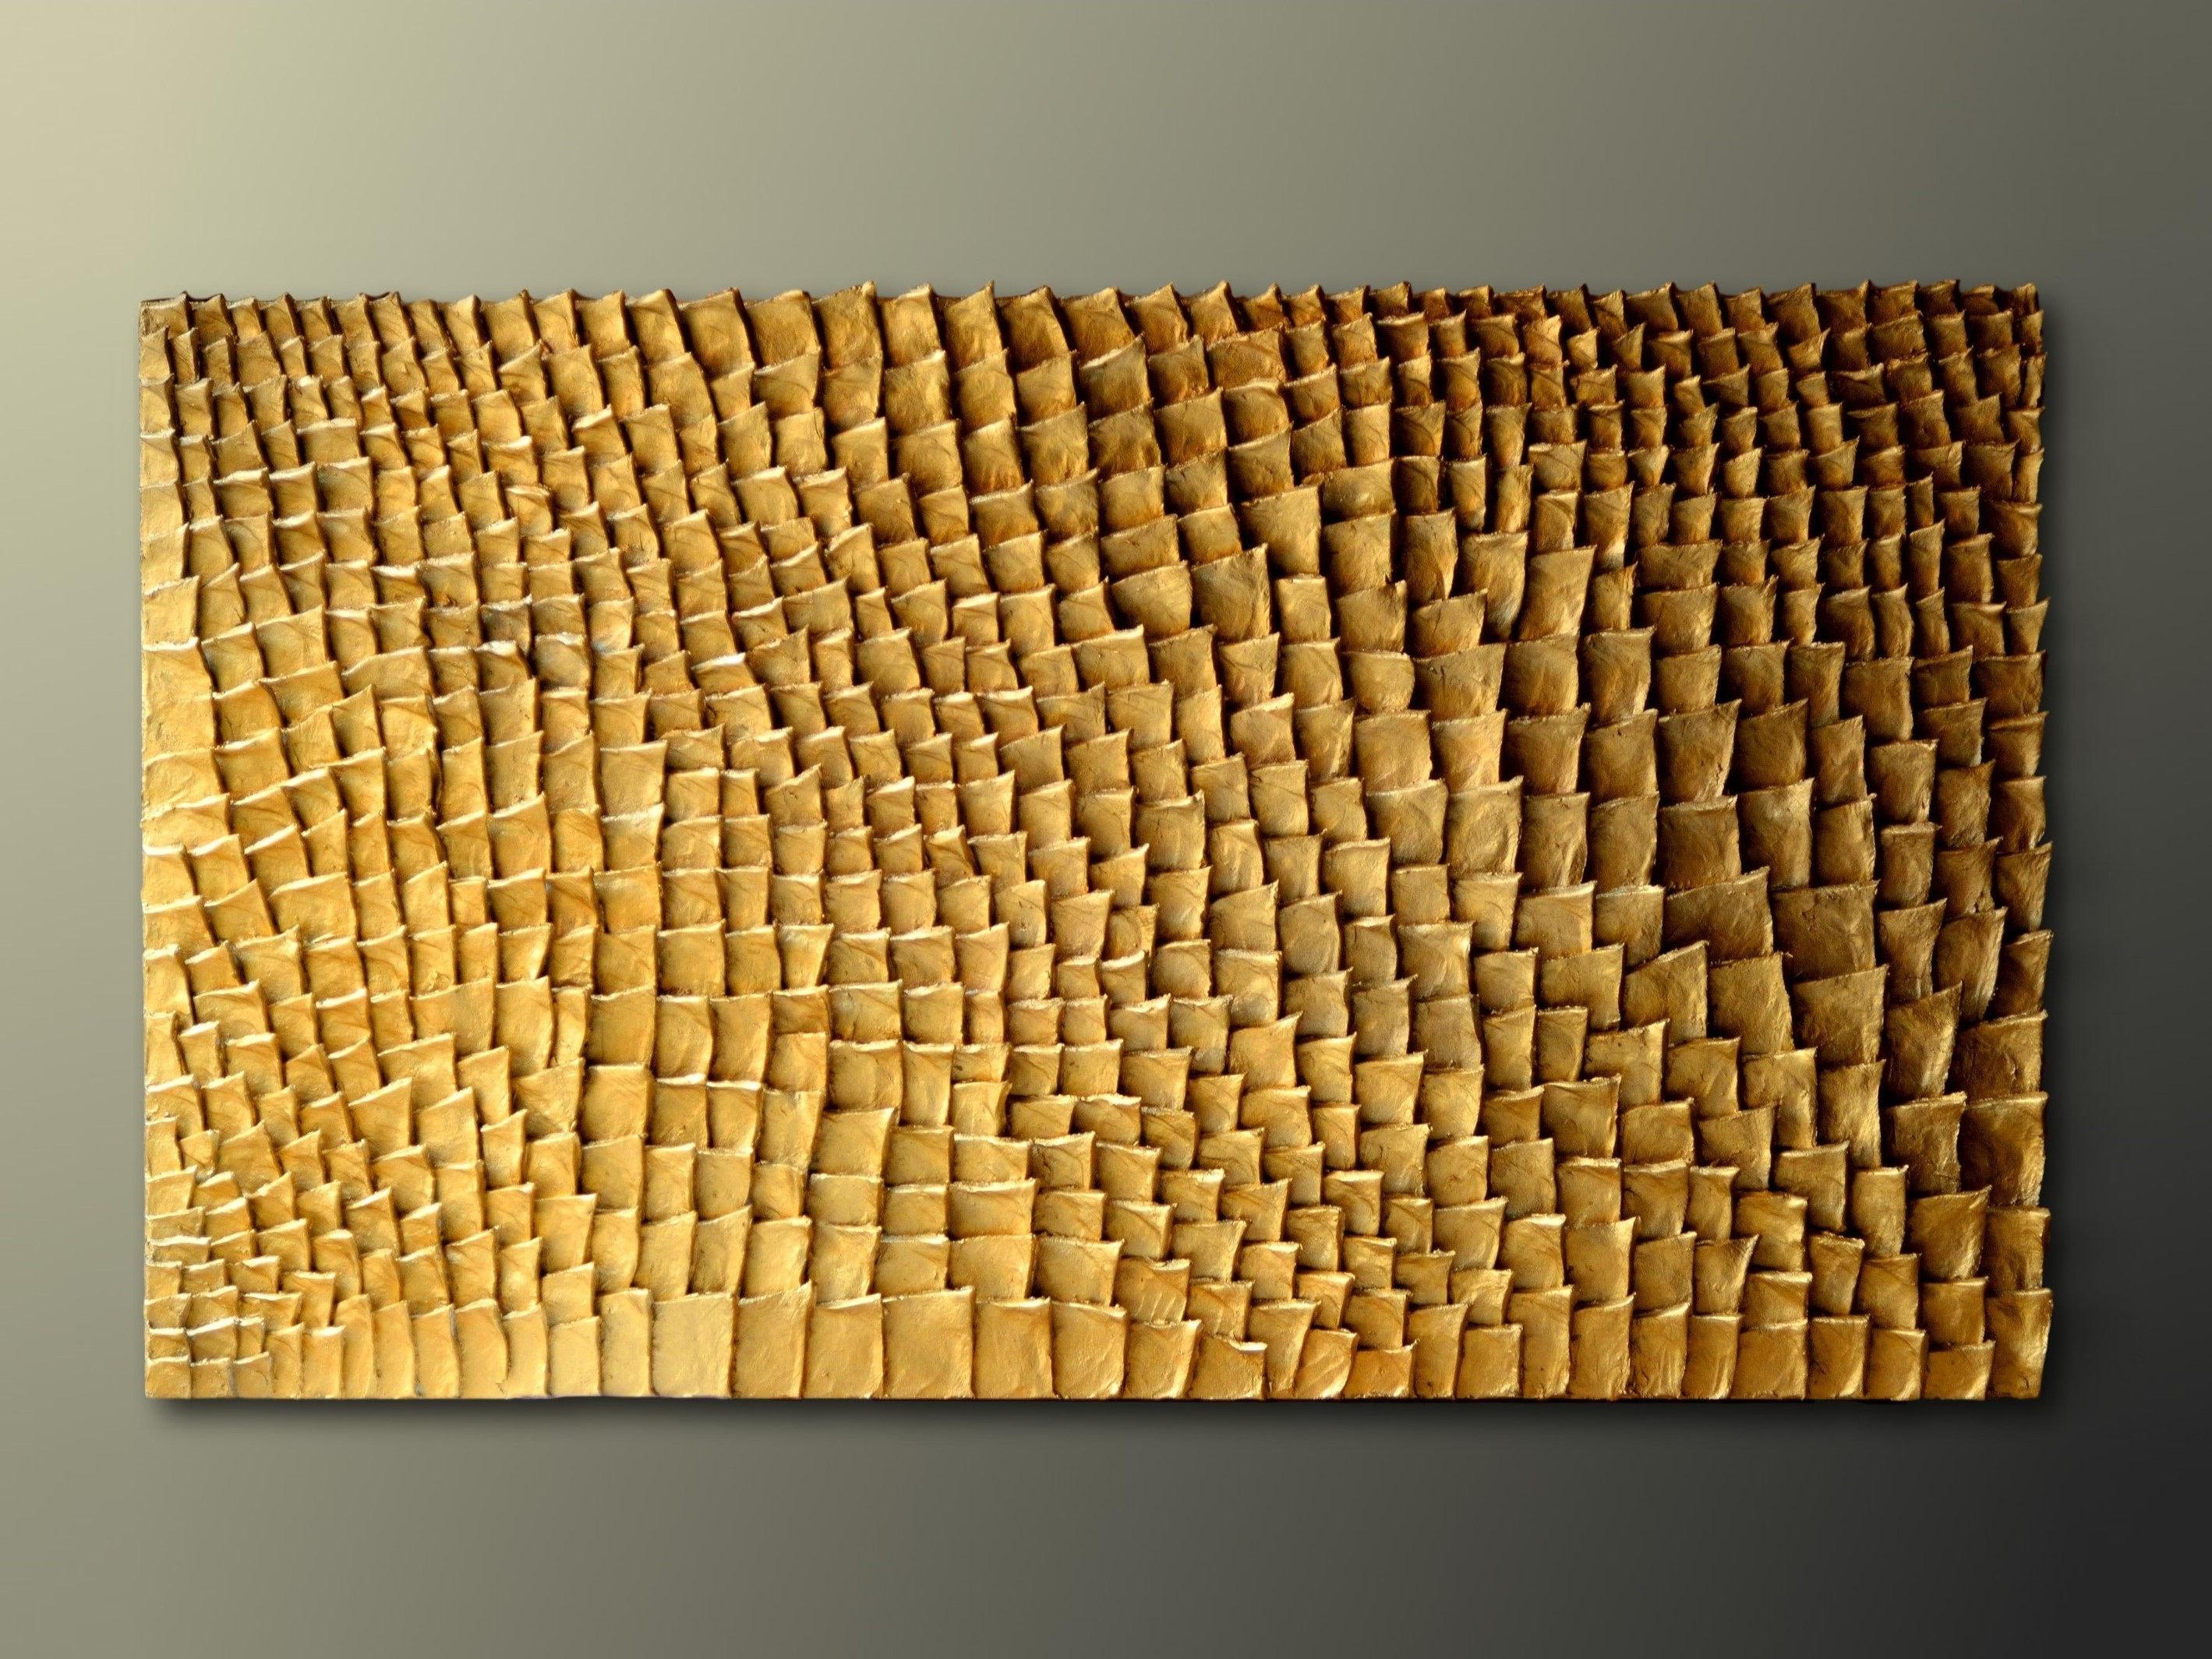 Gold Wall Art Gold Wall Sculpture Organic Texture Wall Art Gold Wall Art